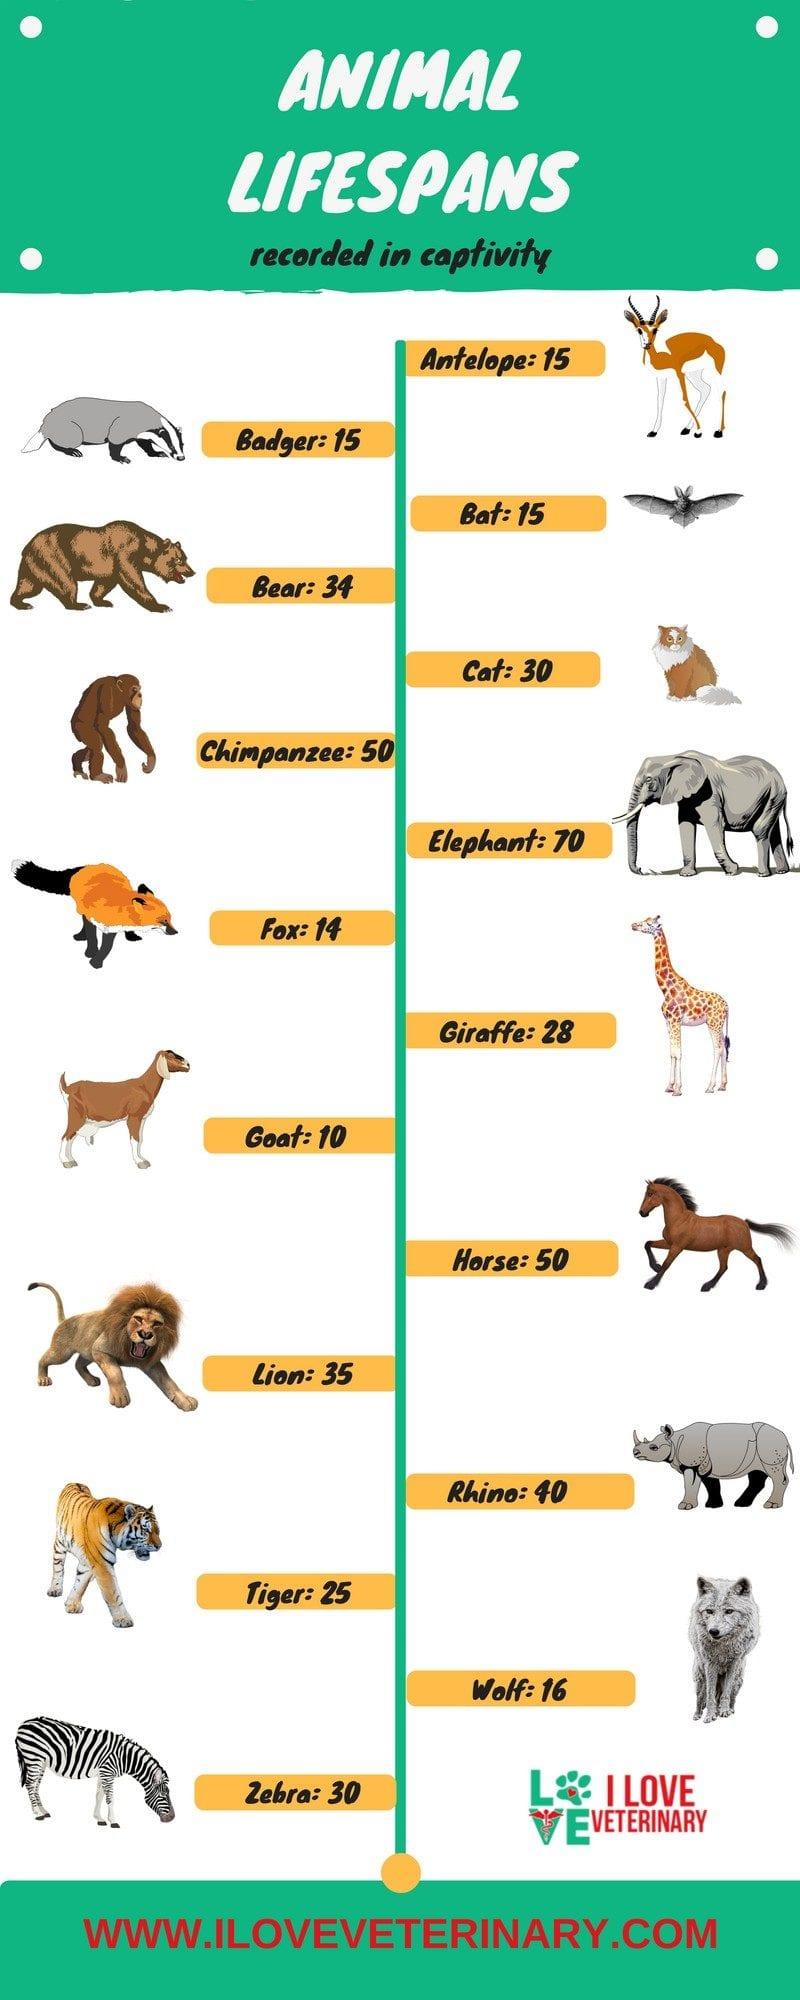 Animal lifespan infographic